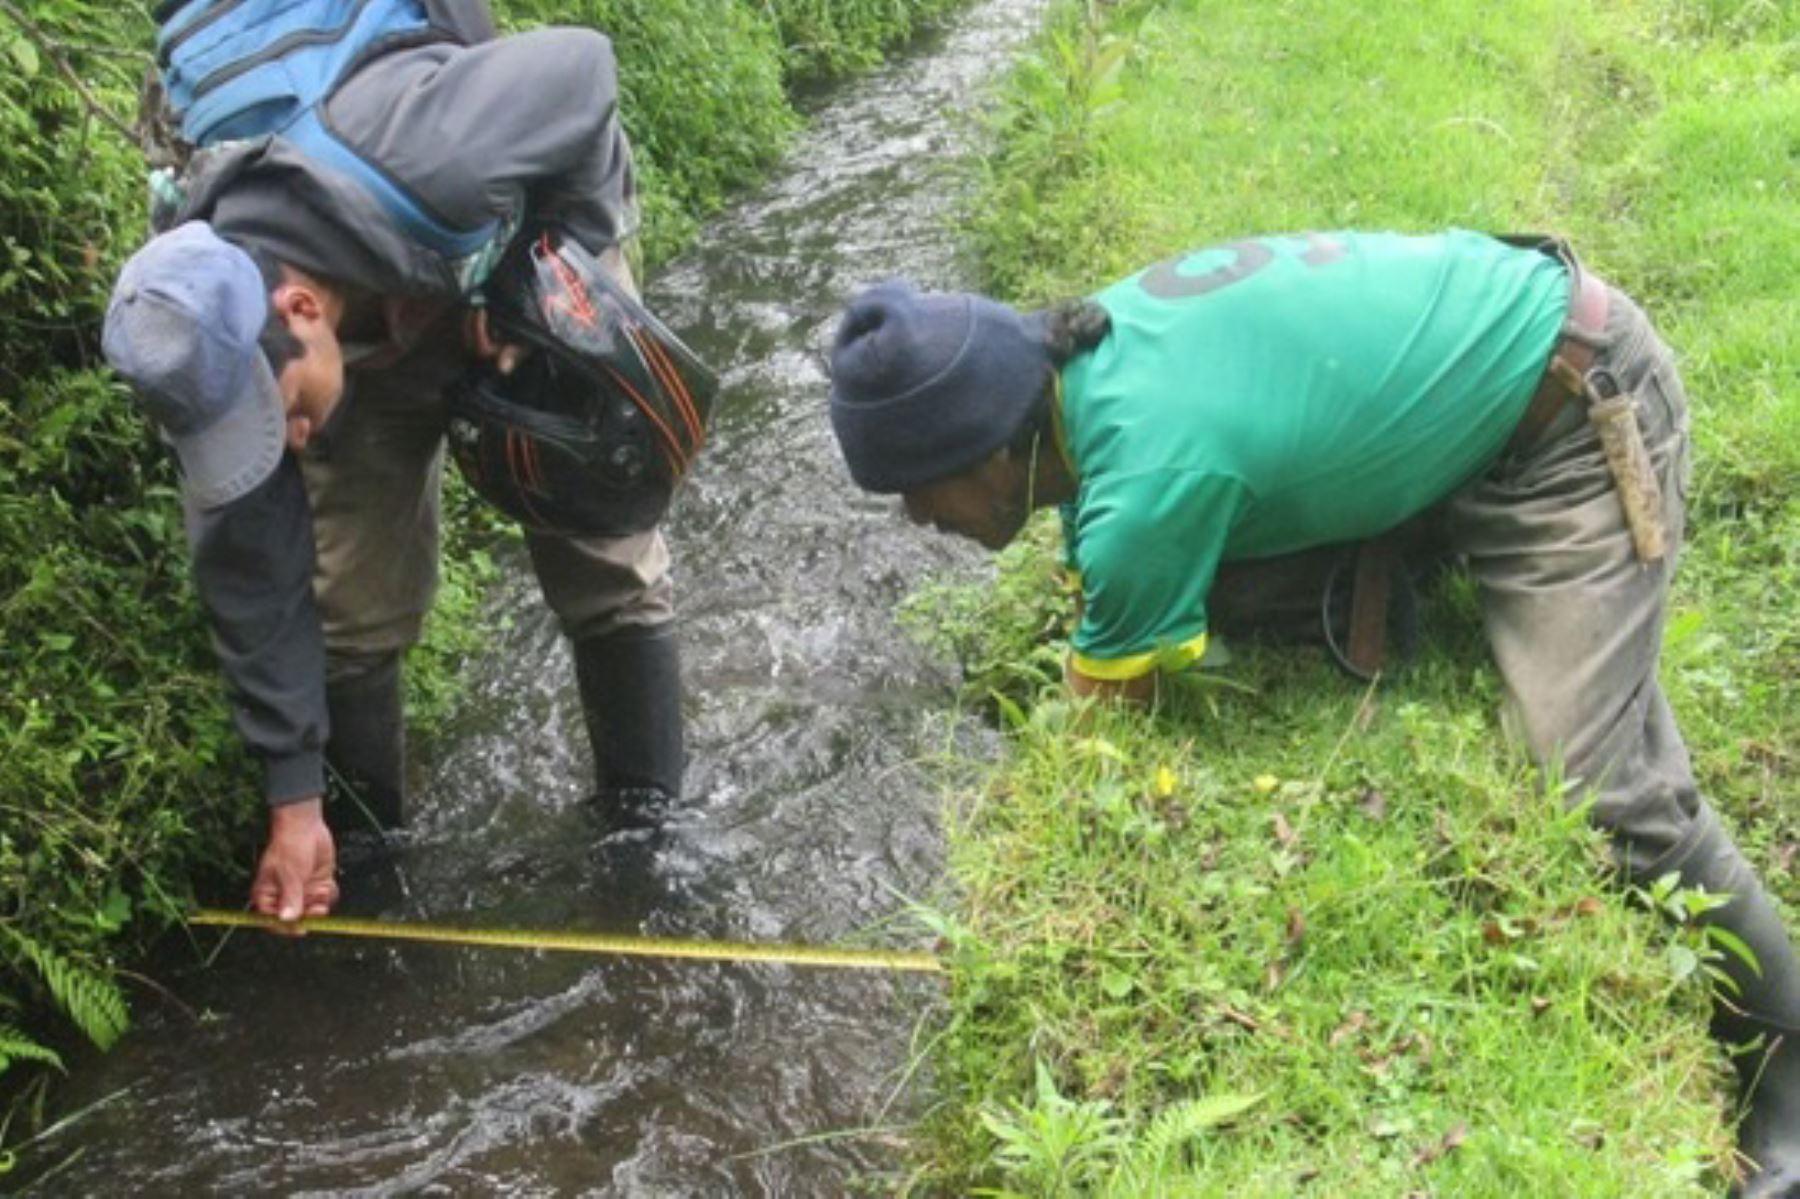 La Administración Local del Agua Jequetepeque invertirá más de un millón de soles en la limpieza de canales y drenes en la cuenca del río Jequetepeque. Foto: Minagri